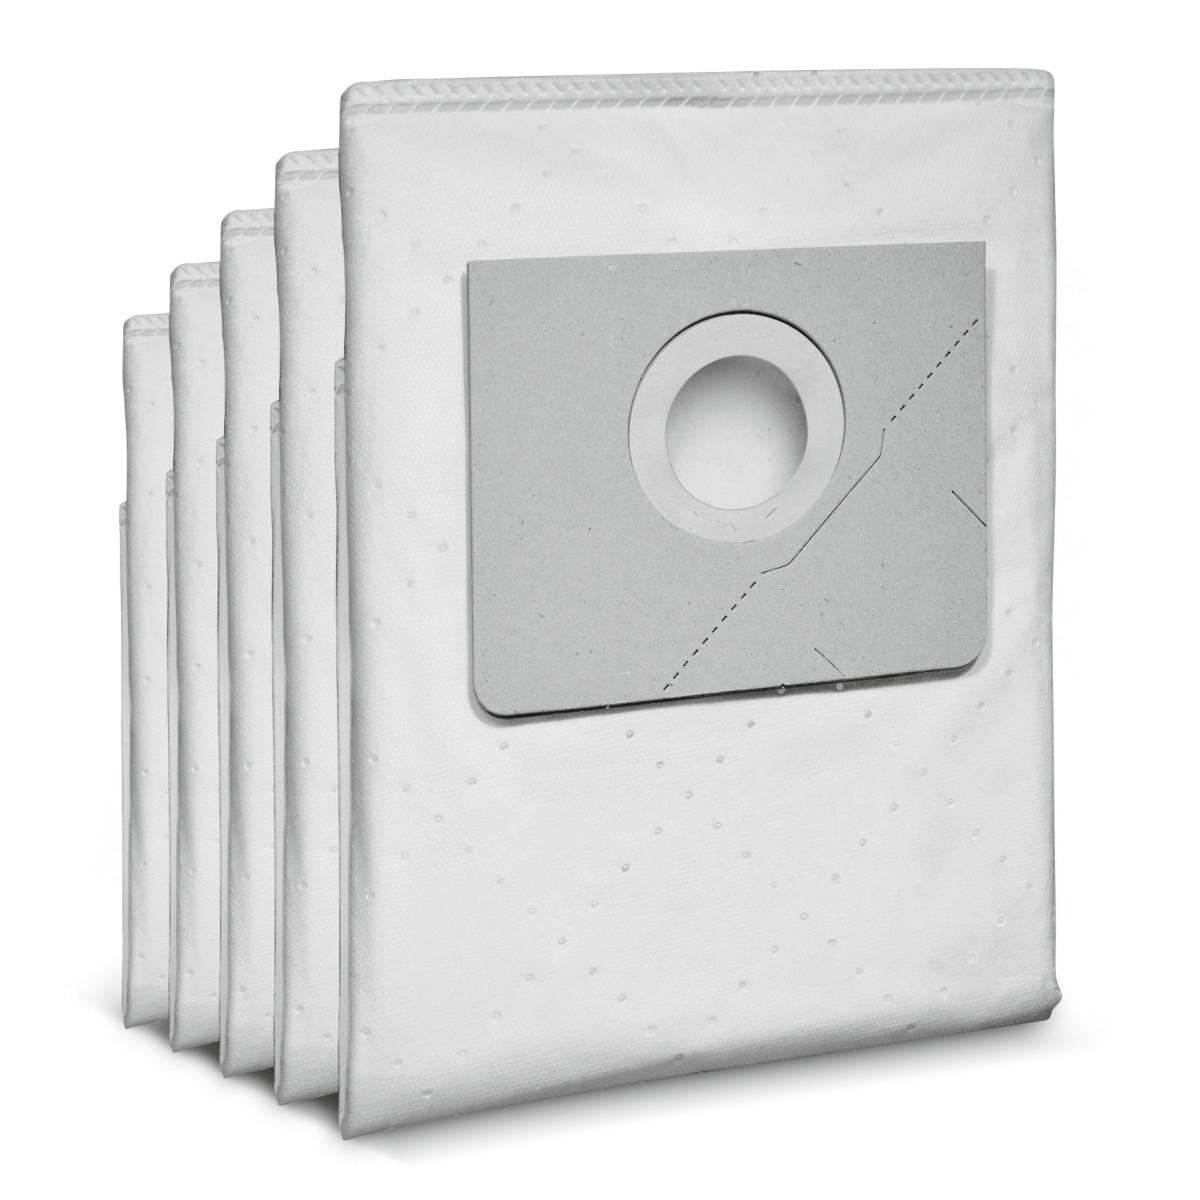 Фильтр-мешки из нетканого материала Karcher для пылесосов NT 20/1